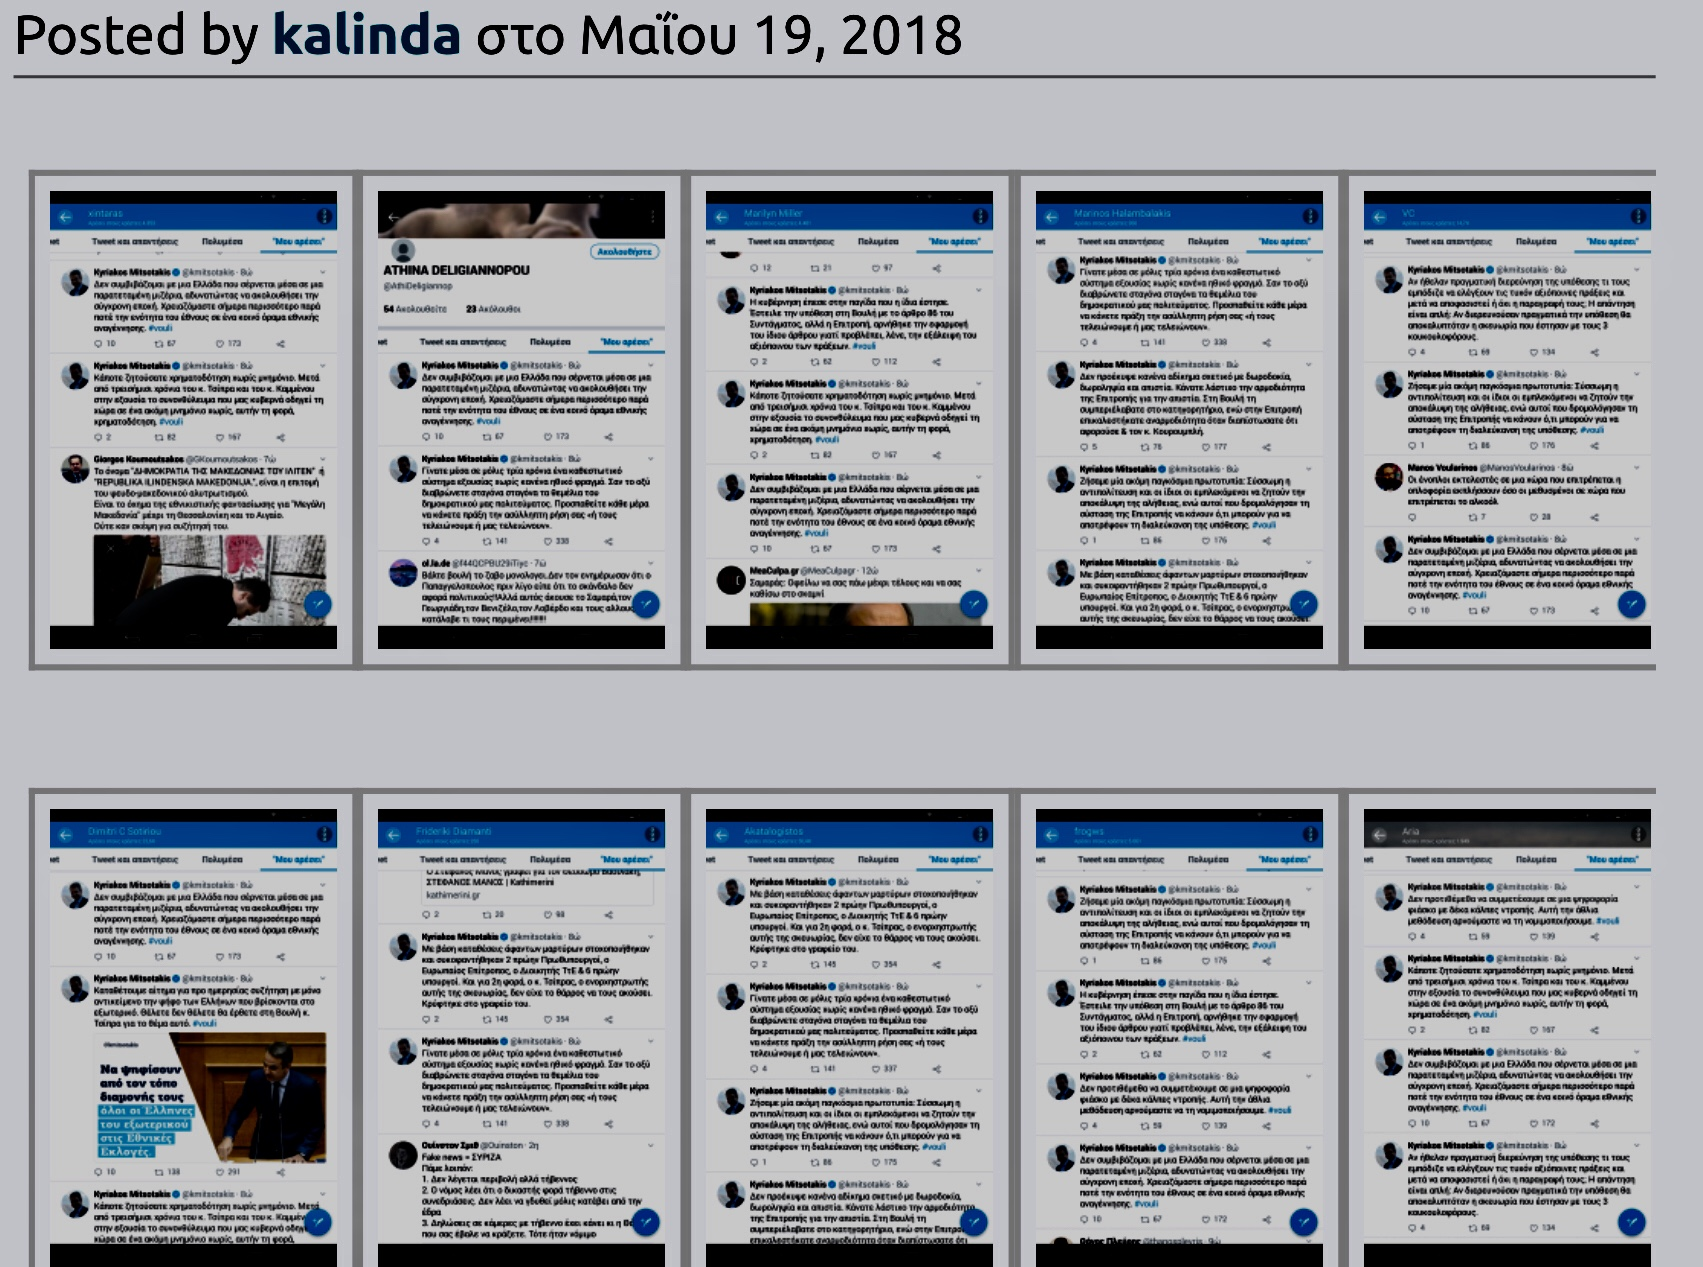 ΑΠΟΚΑΛΥΨΗ-Λογαριασμοί φαντασματα χωρίς καμία άλλη δραστηριότητα στο twitter έκαναν like όσο μίλαγε ο Μητσοτάκης!